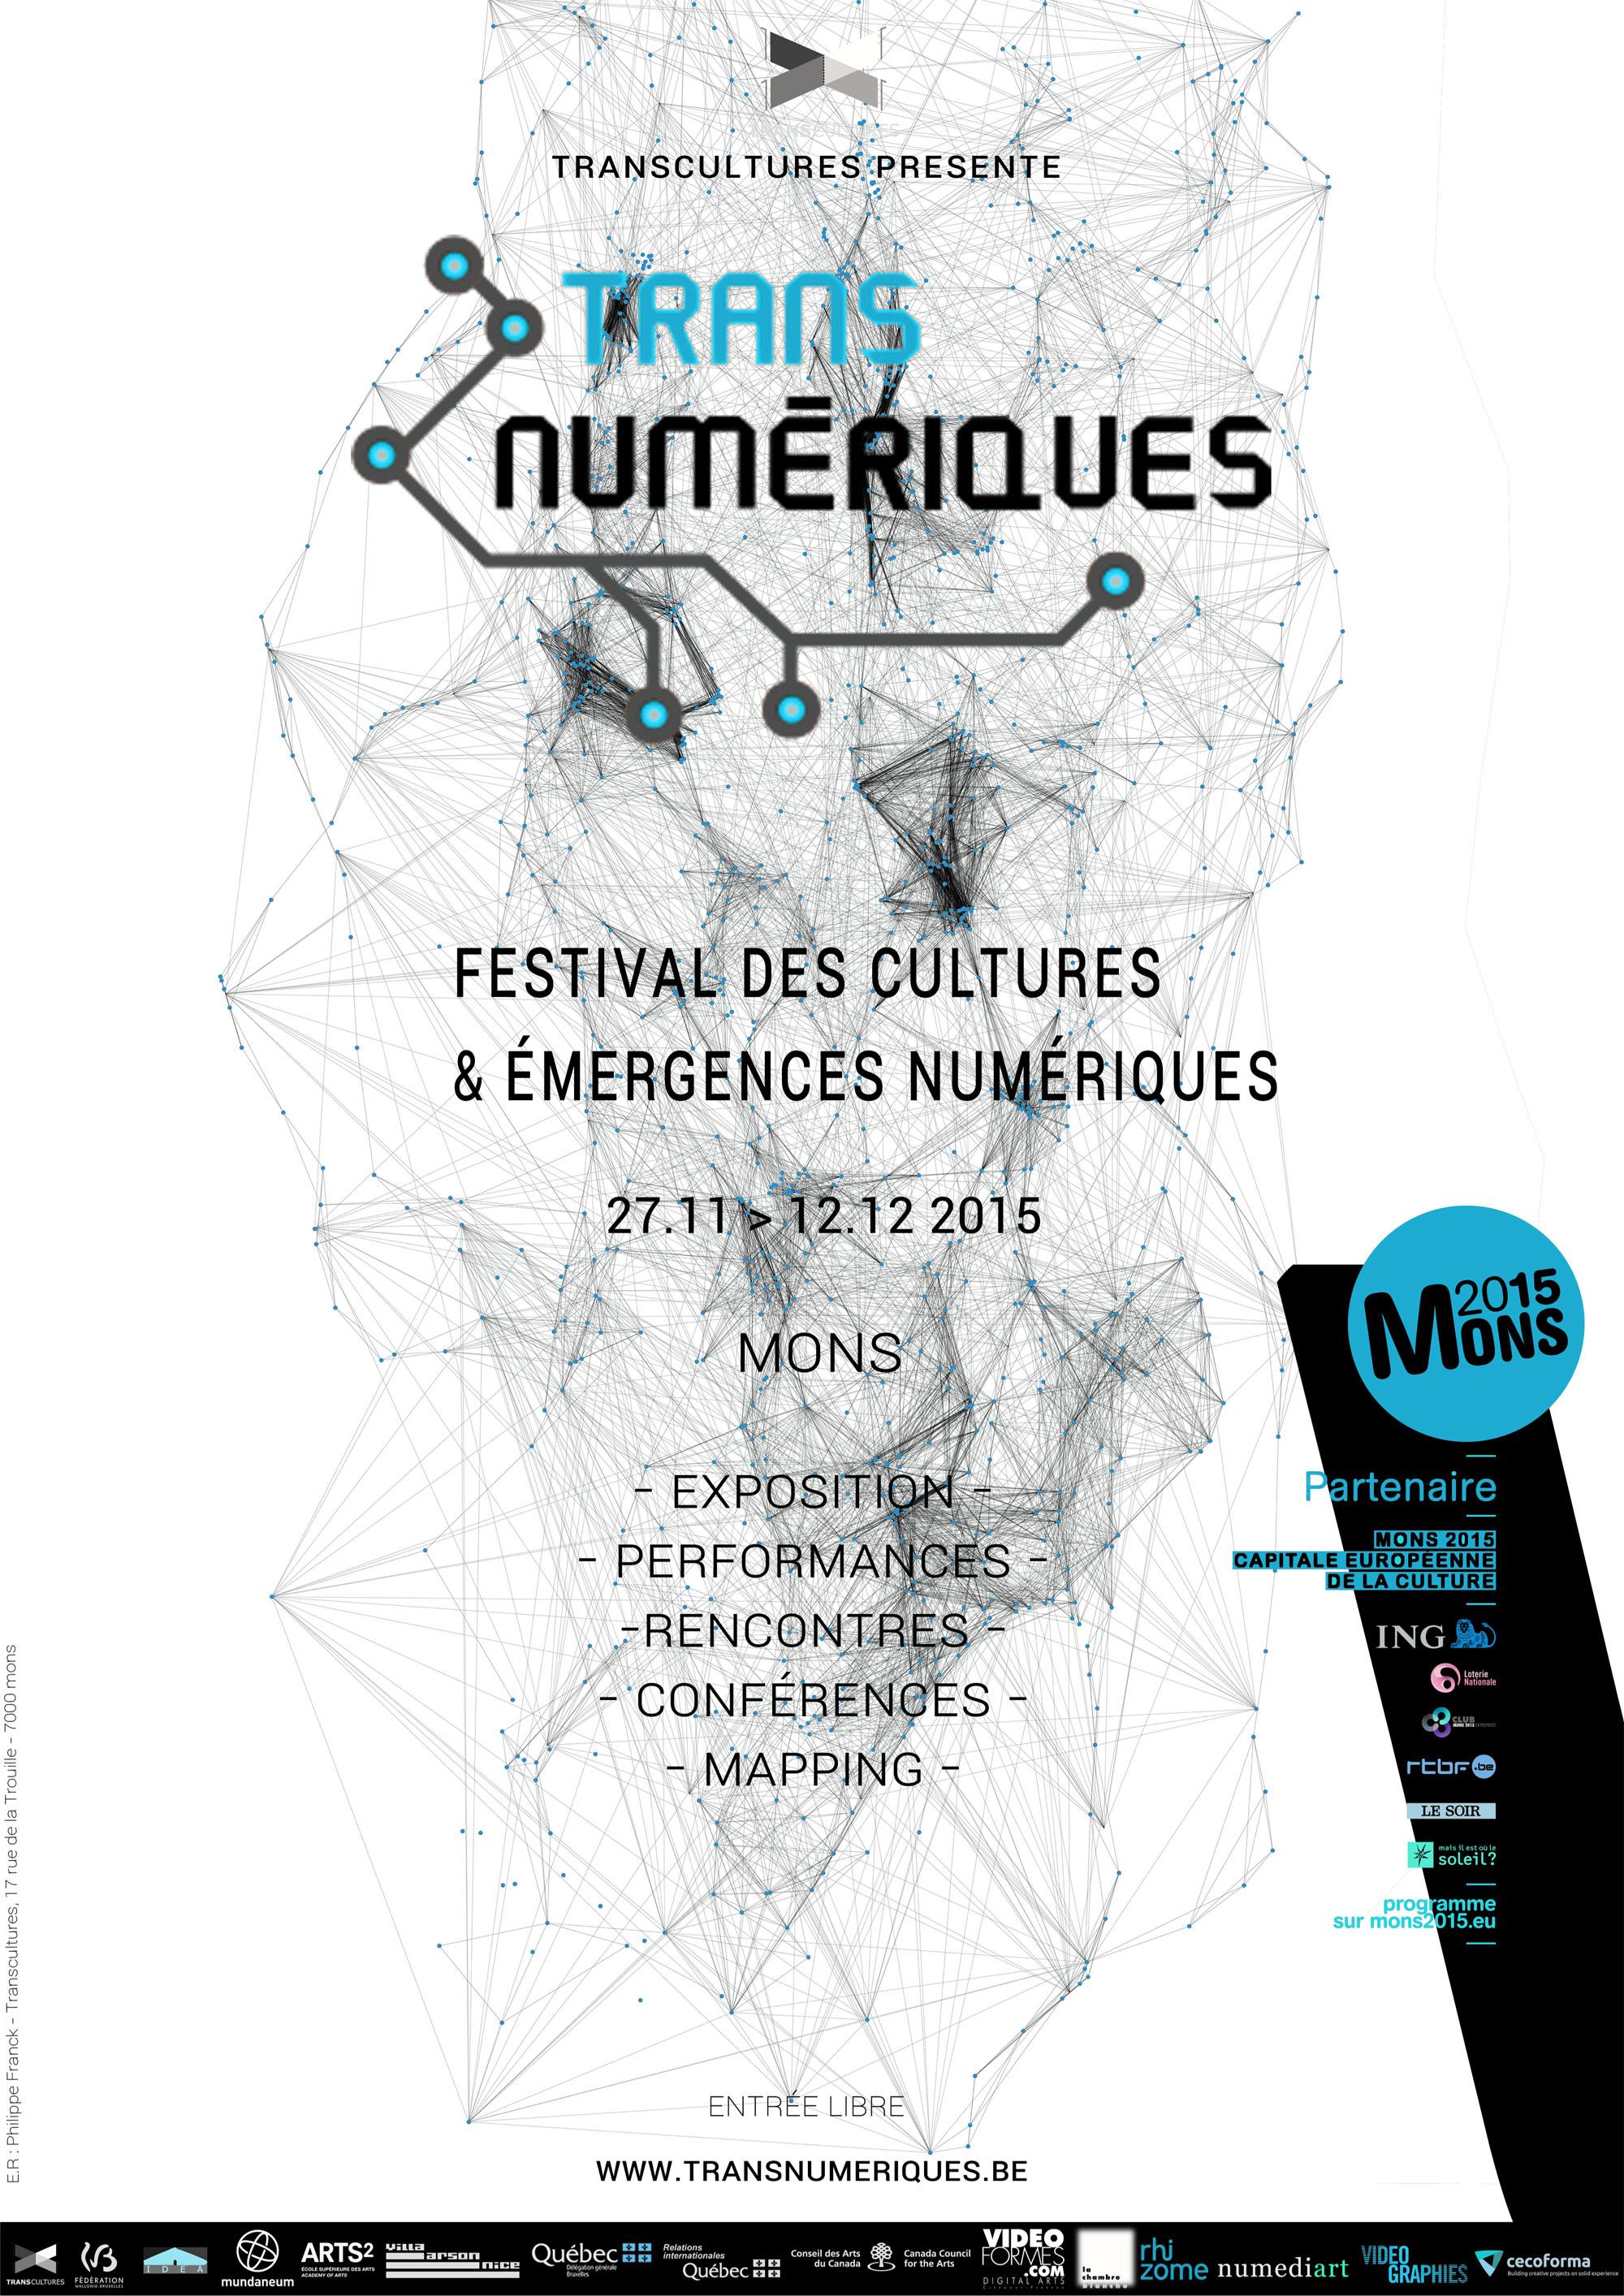 Transnumeriques-Affiche-white_Mons2015_Transcultures